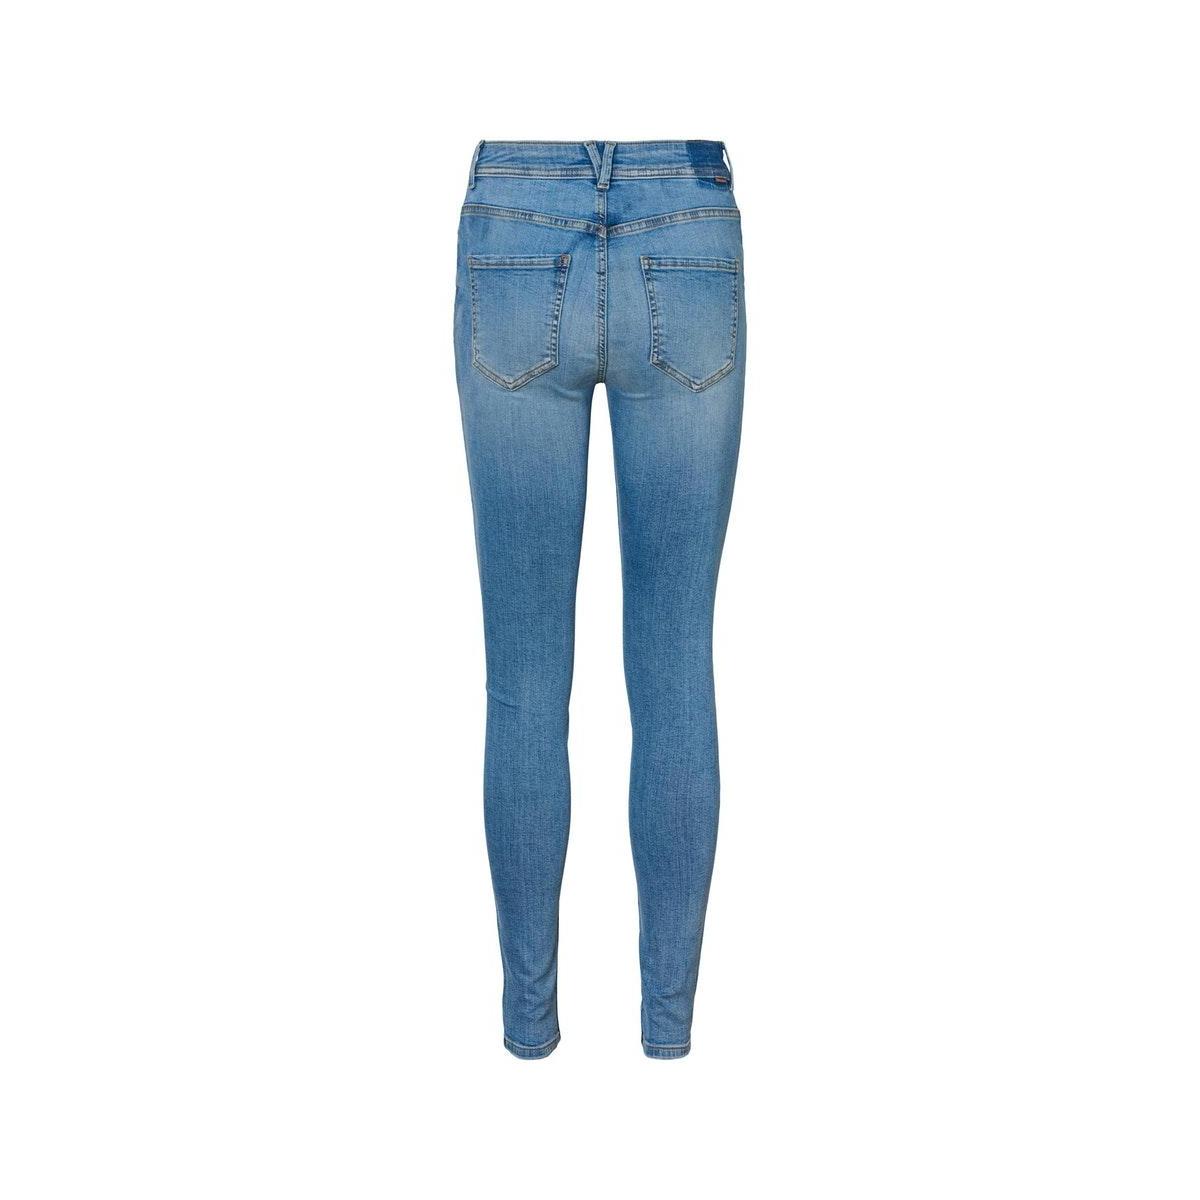 nmvicky nw skinny jeans ba068lb bg 27010774 noisy may jeans light blue